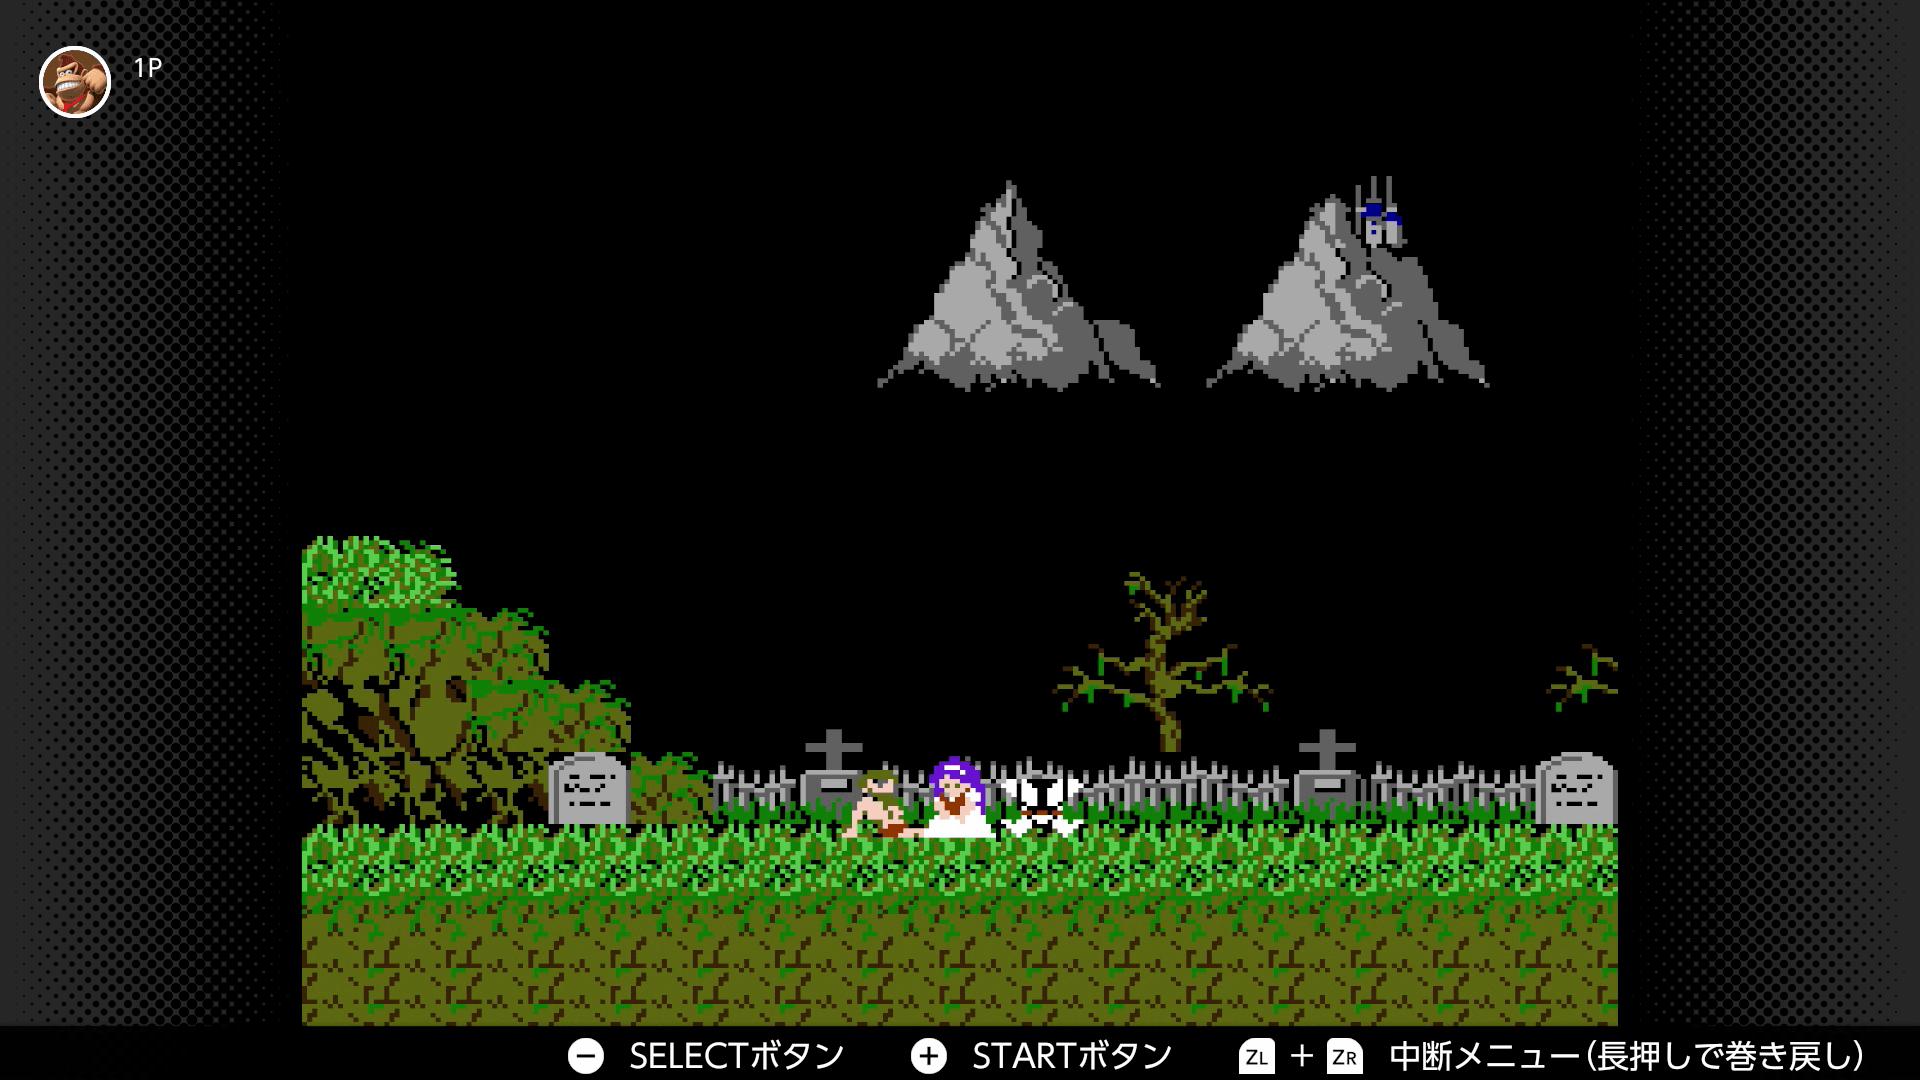 ファミコン版『魔界村』って本当に難しい?「ファミコンを知らぬ世代」がカプコンによる伝説の激ムズゲームに挑戦の画像002